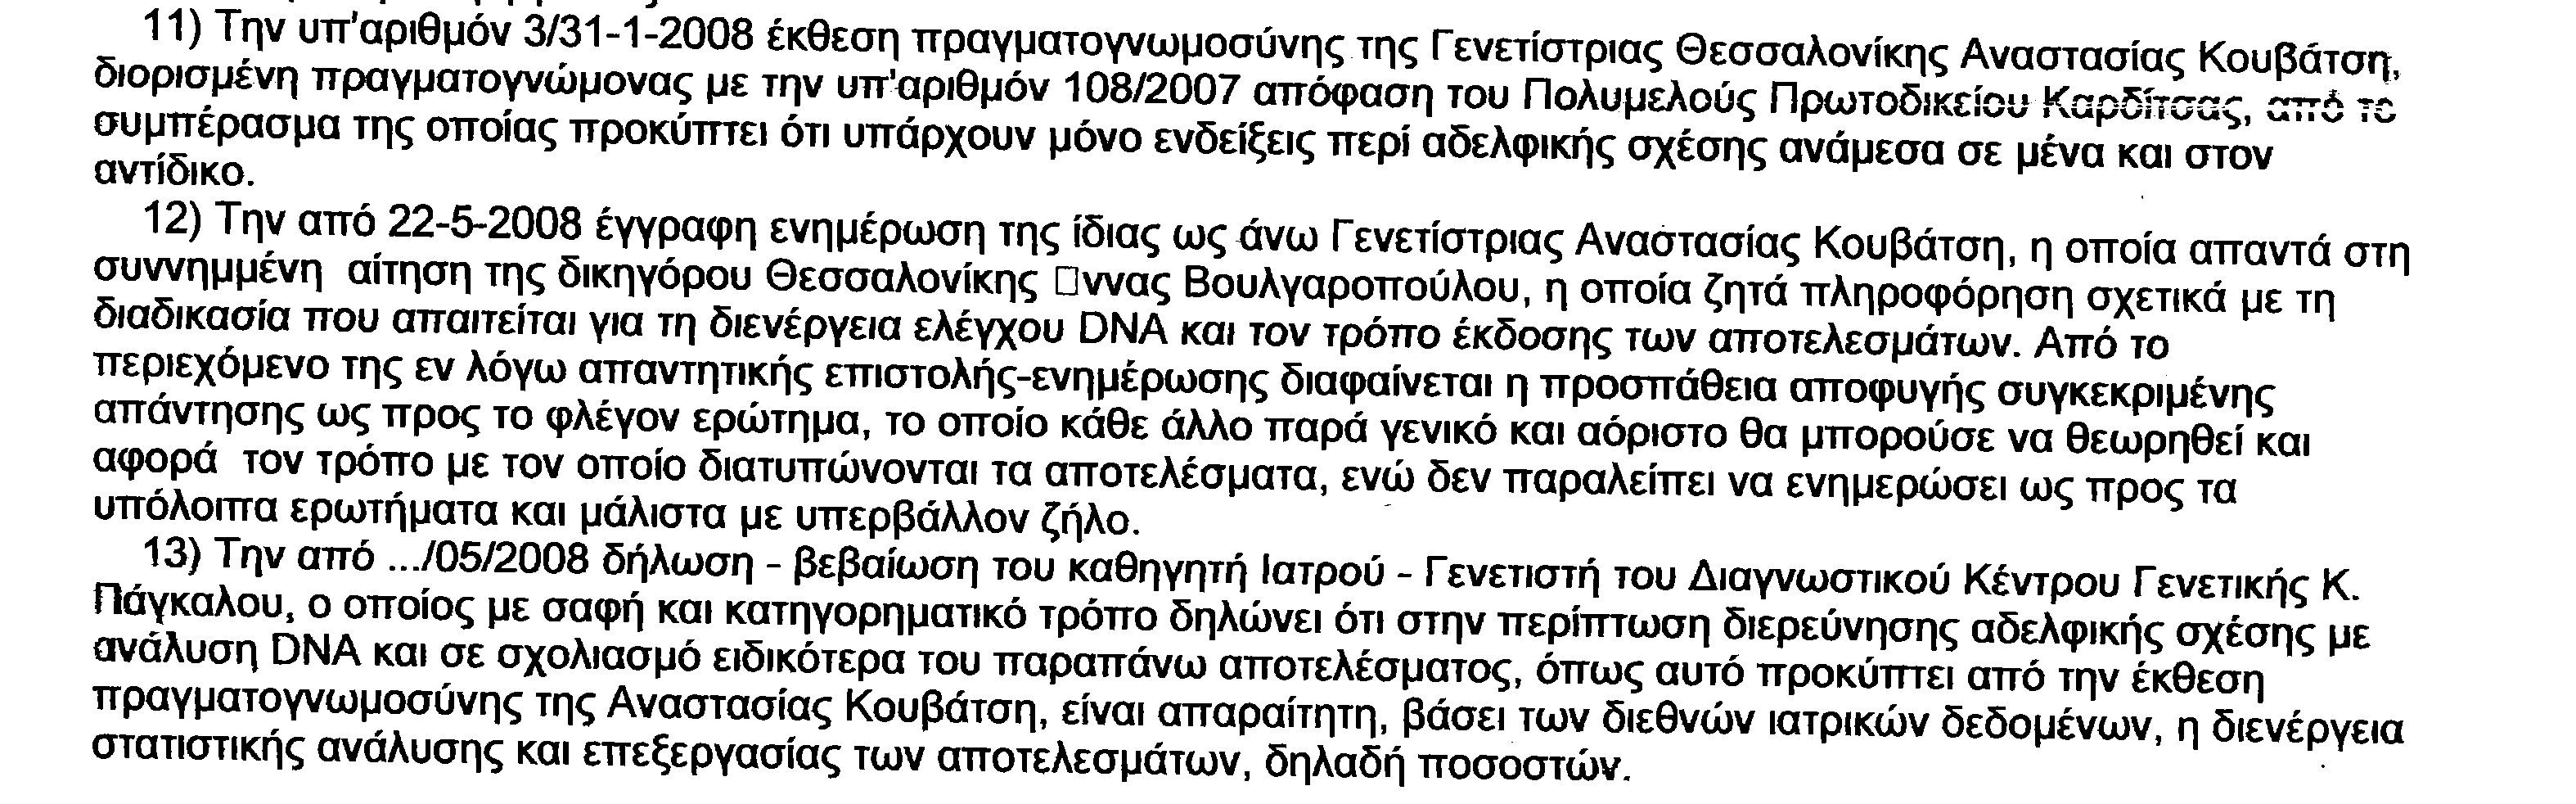 σχόλια απόδημου Ελληνισμού